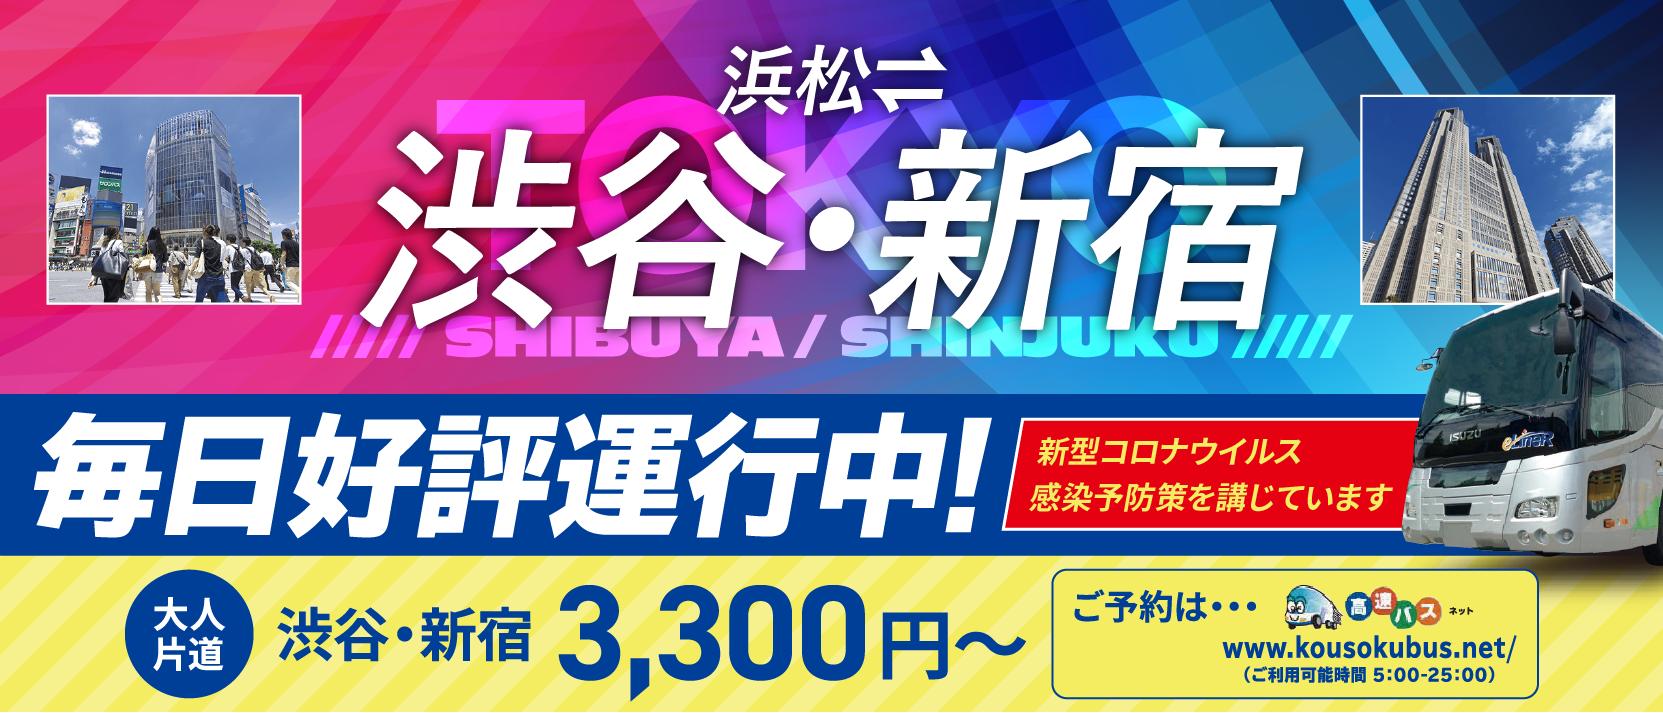 PC_1663×713_渋新